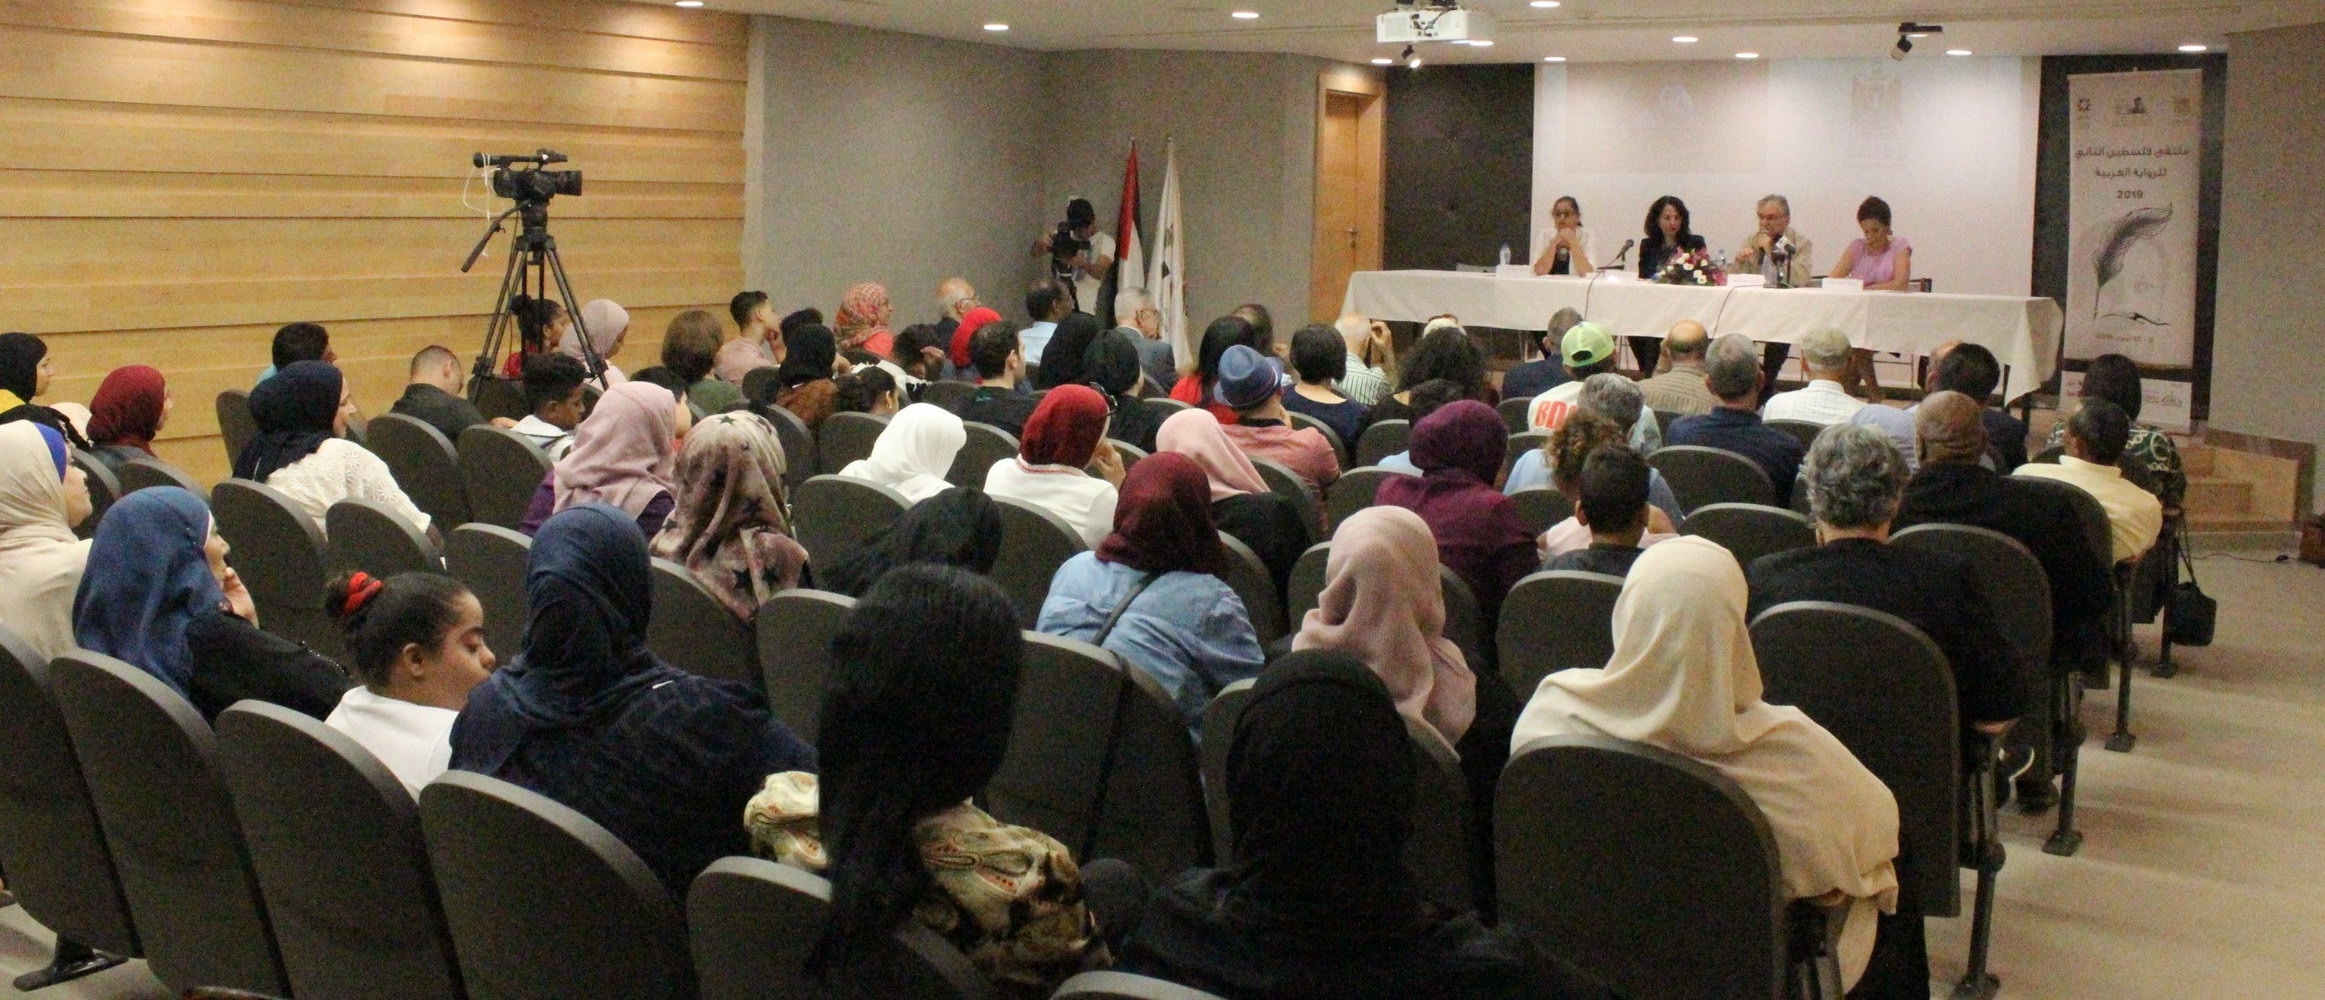 ملتقى فلسطين الثاني للرواية العربية 2019 في متحف ياسر عرفات بيومه الثالث